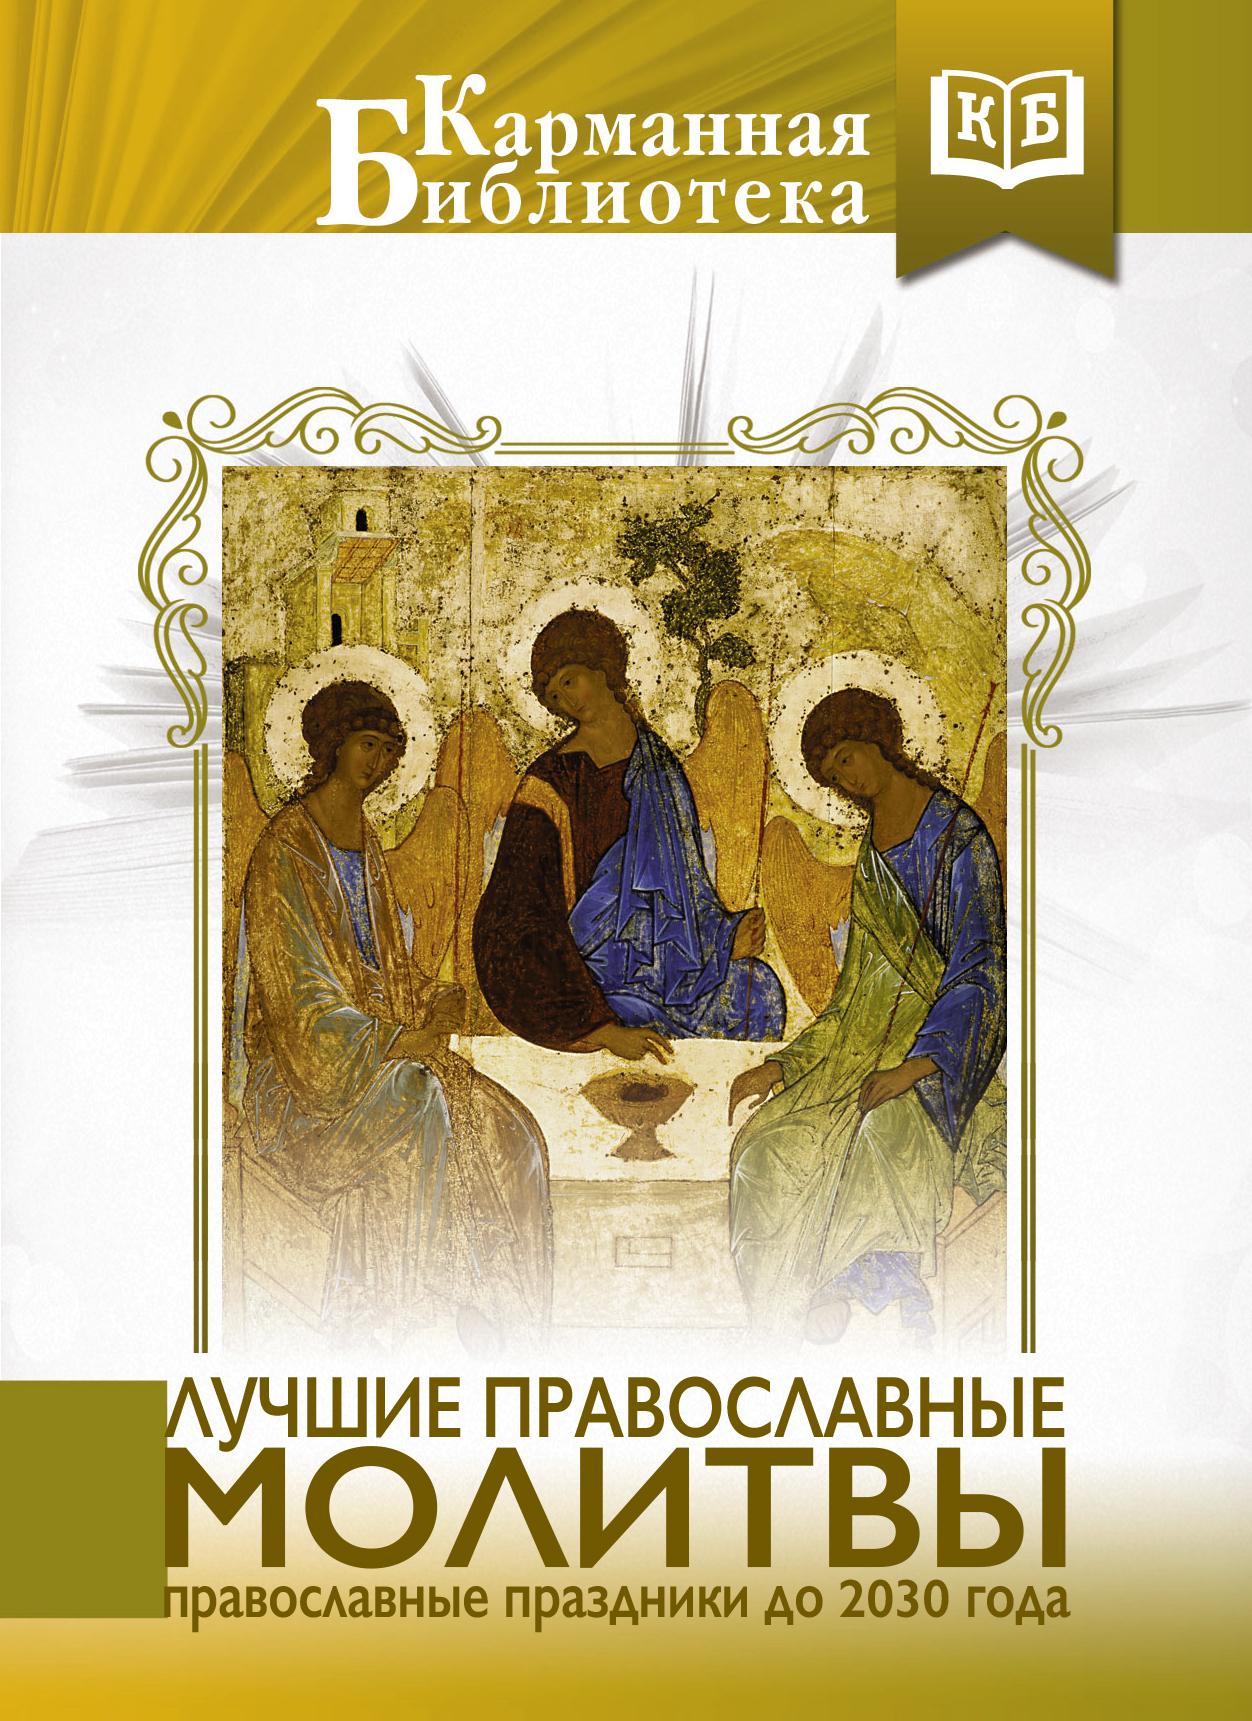 цена на Коллектив авторов Лучшие православные молитвы. Православные праздники до 2030 года